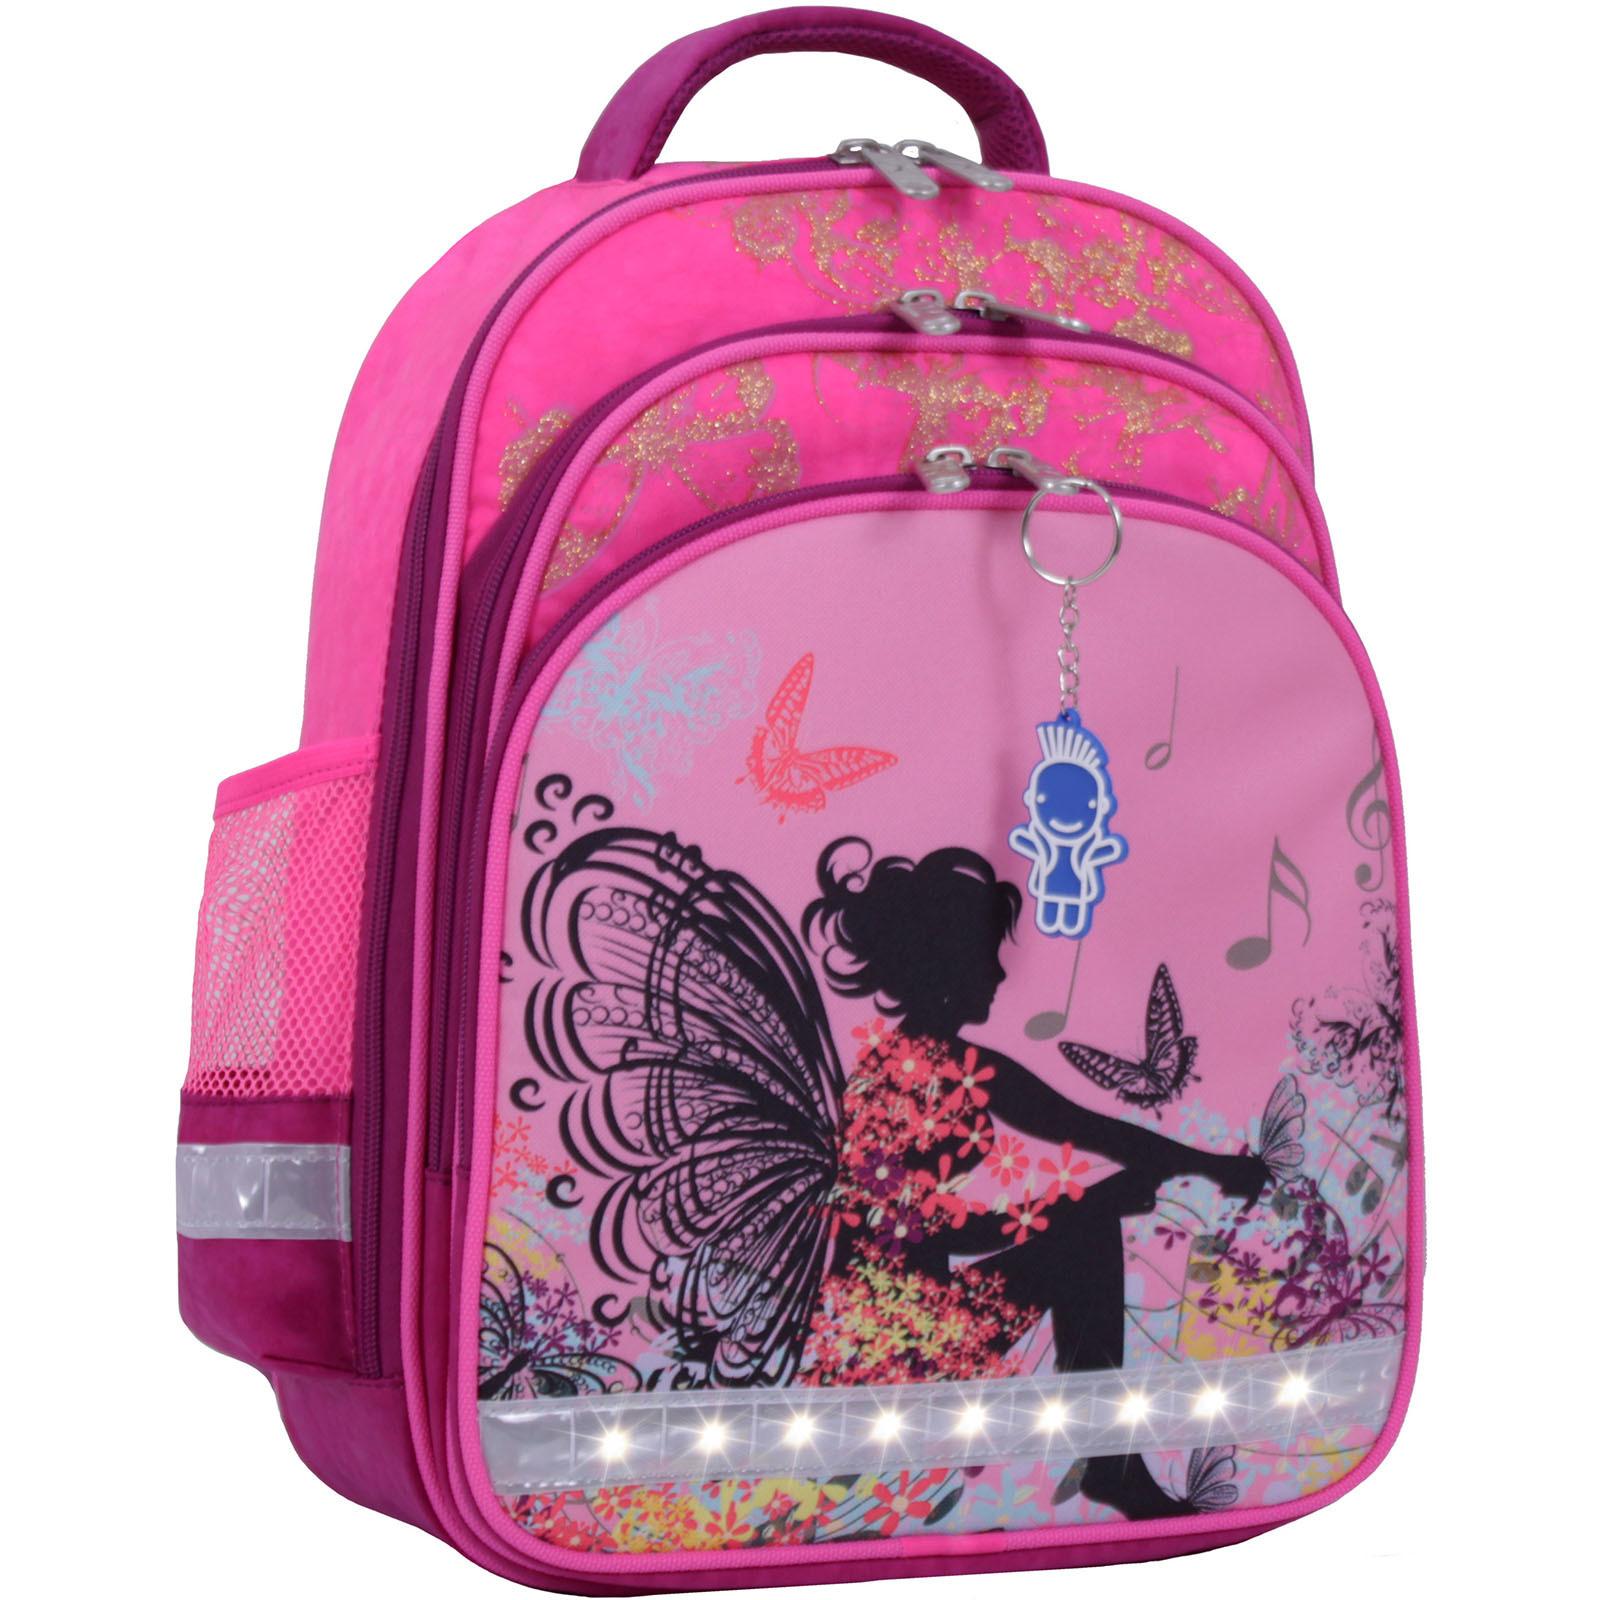 Рюкзак школьный Bagland Mouse 143 малиновый 389 (0051370) фото 2